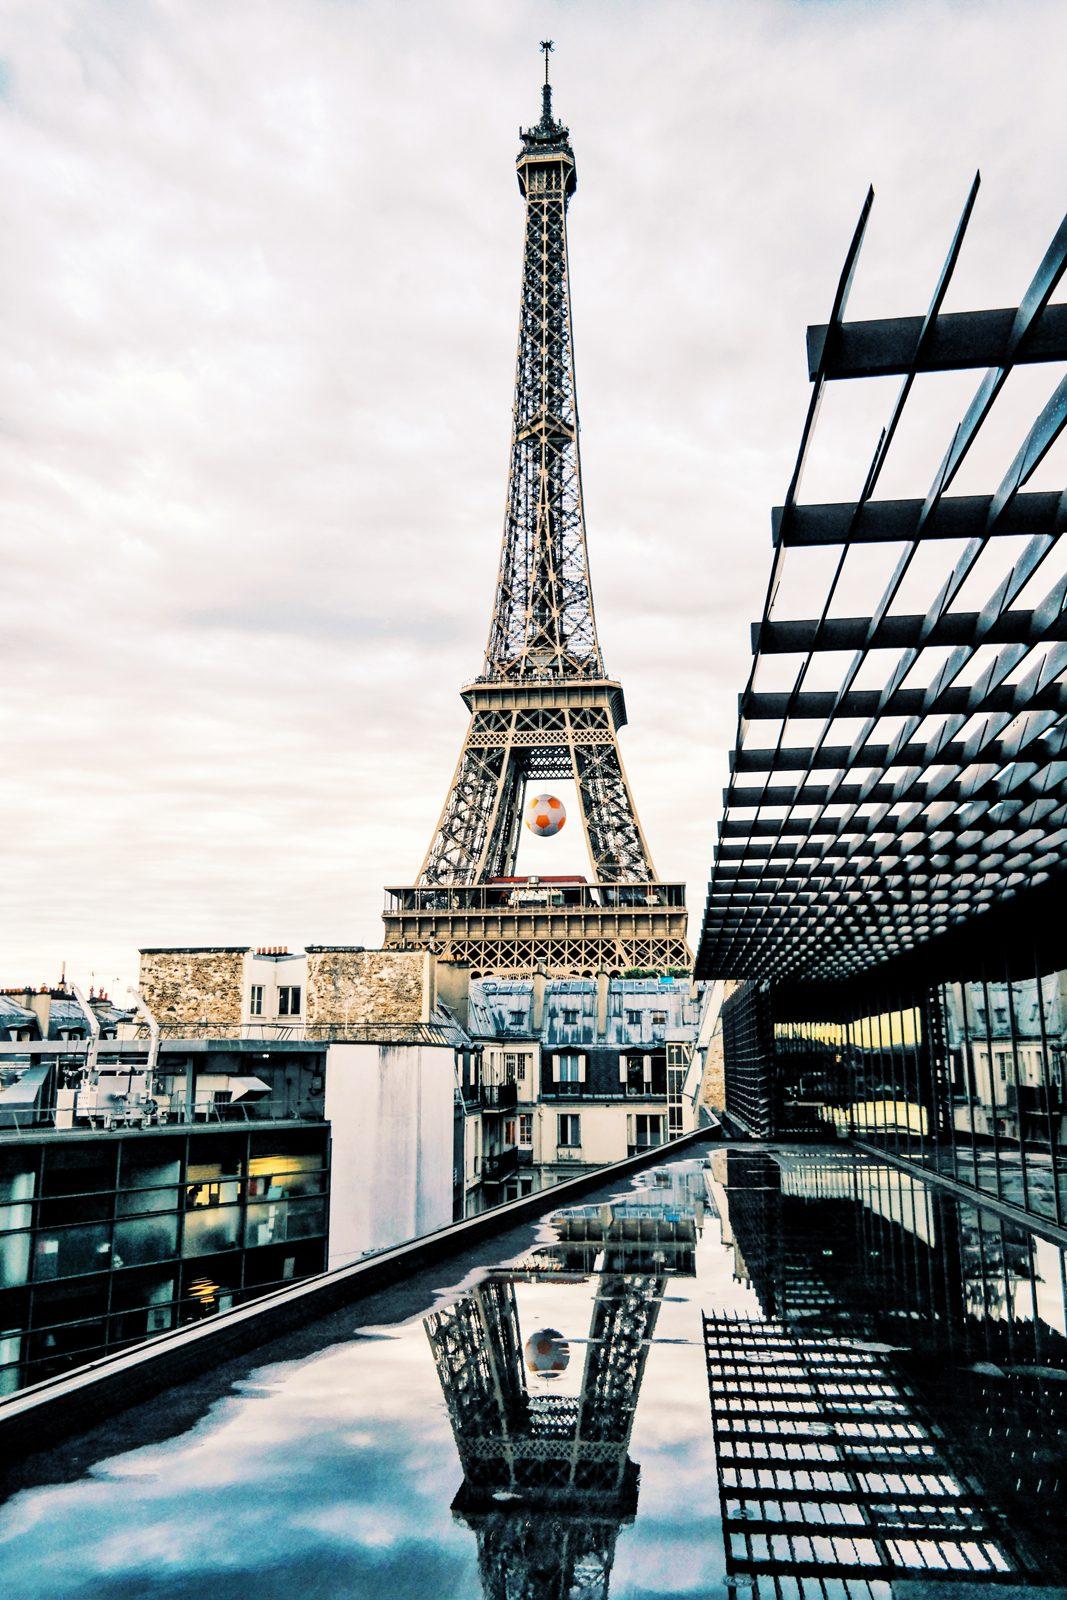 La Tour Eiffel Tower depuis le toit terrasse du Musée du Quai Branly Jacques Chirac museum rooftop paris jeu de reflet photo du mois by usofparis blog